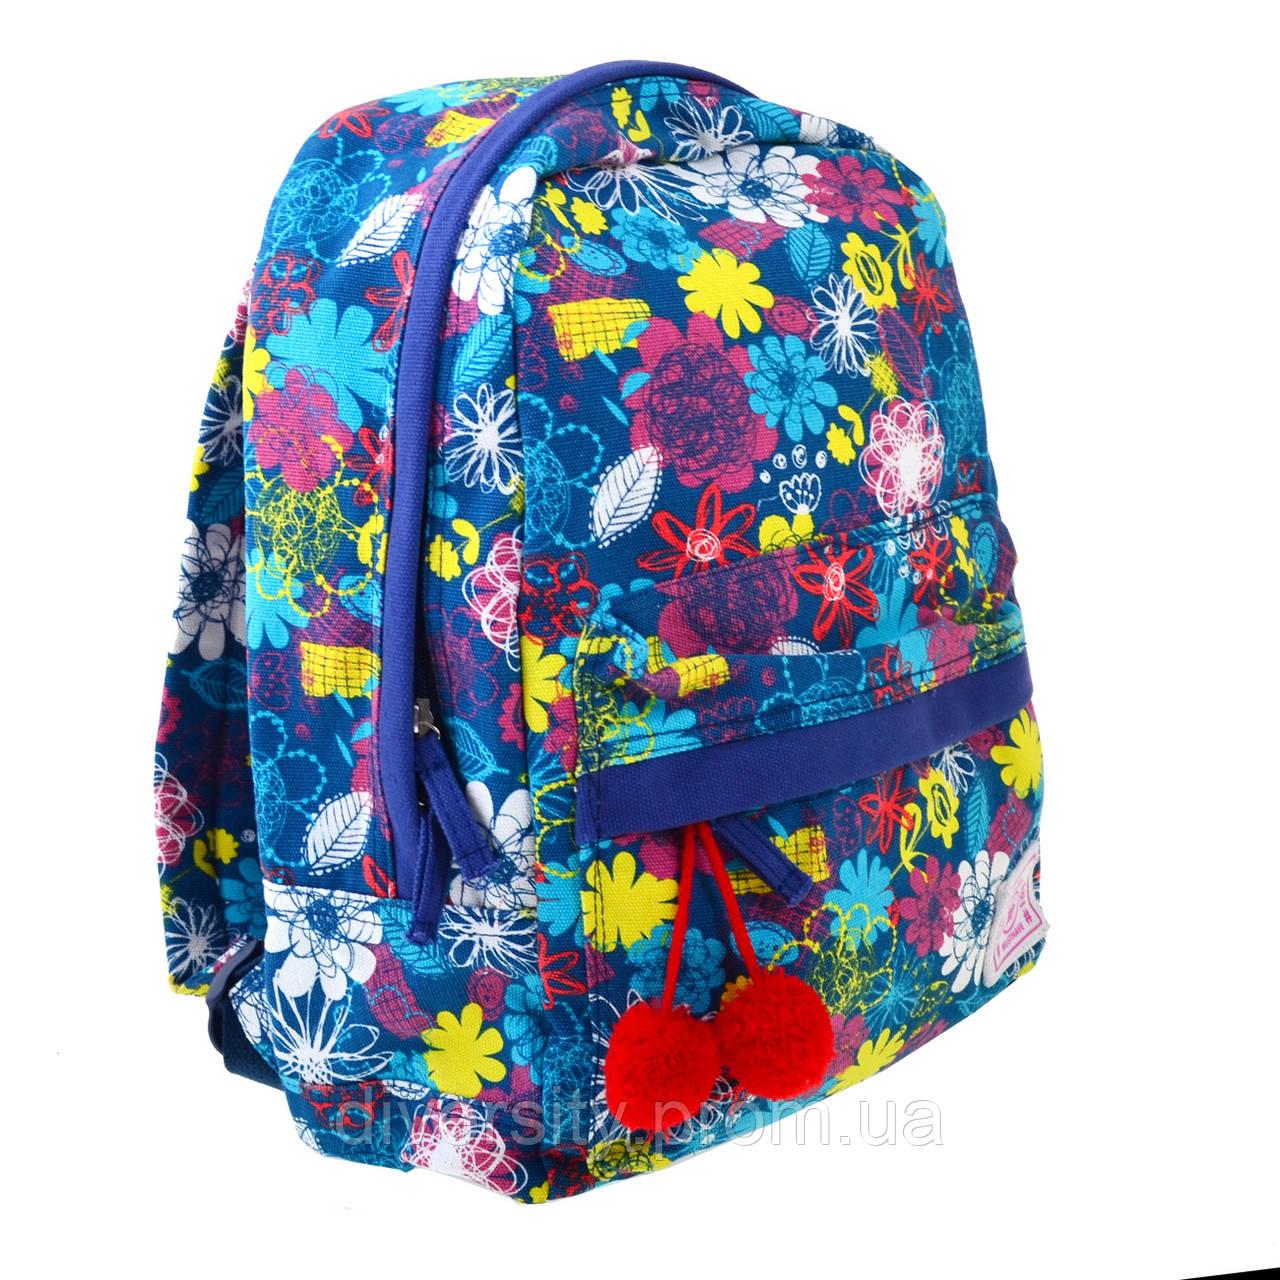 Молодежный рюкзак YES  ST-33 Frolal, 35*29*12